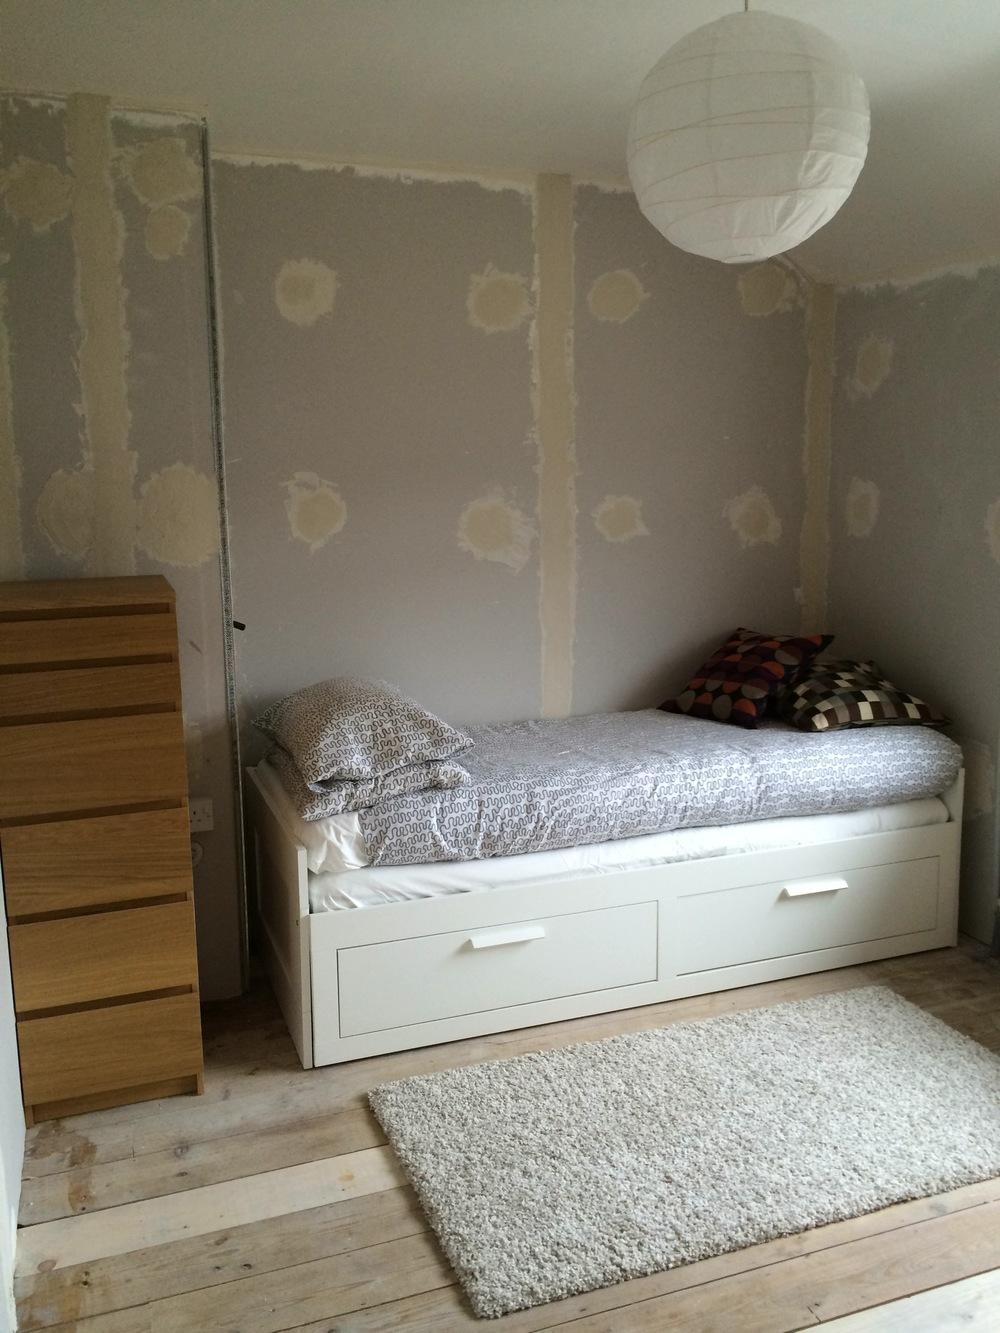 Renter's room